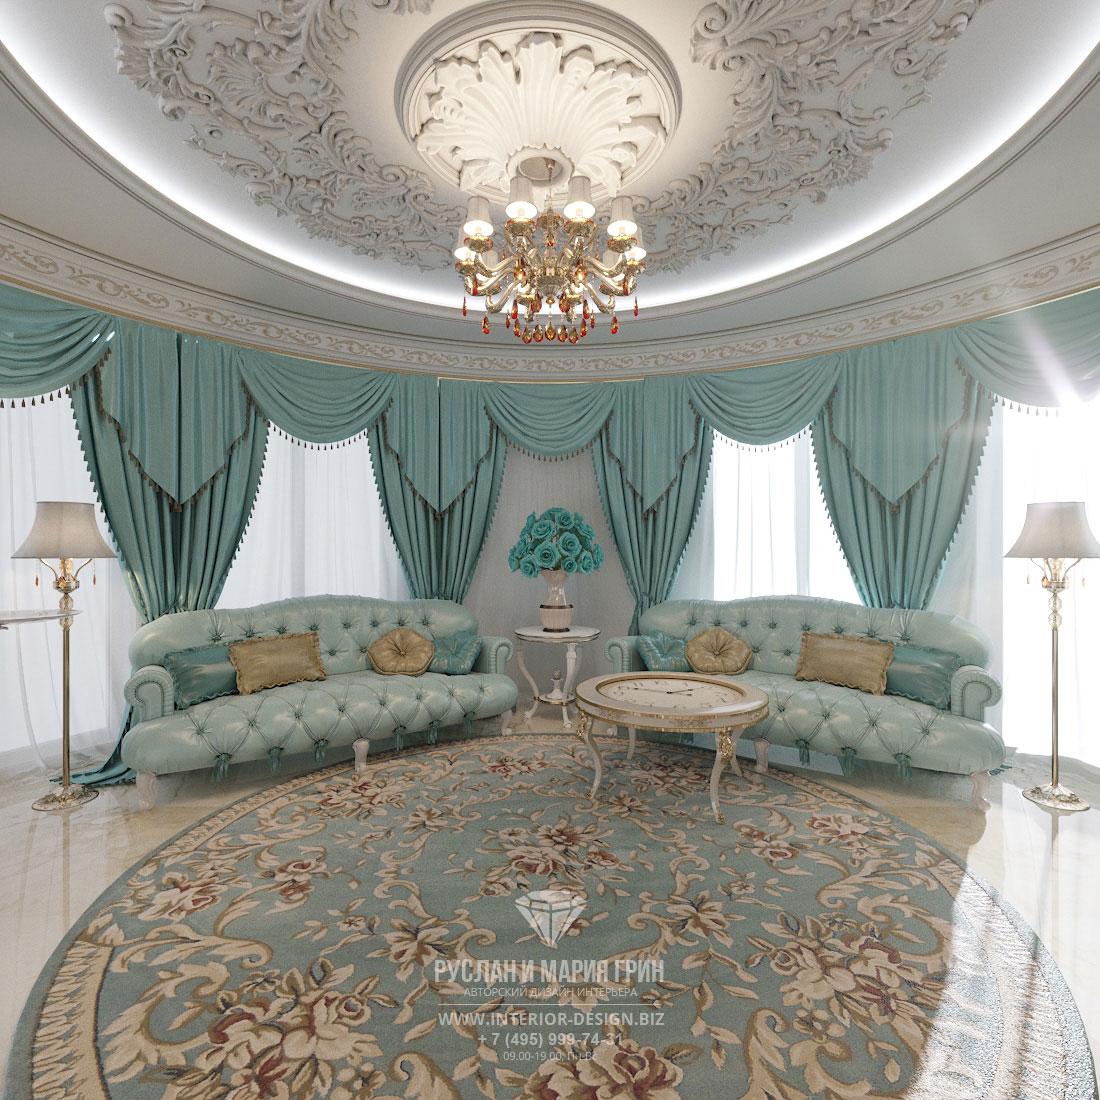 Романтичная спальня в классическом стиле с лепным декором